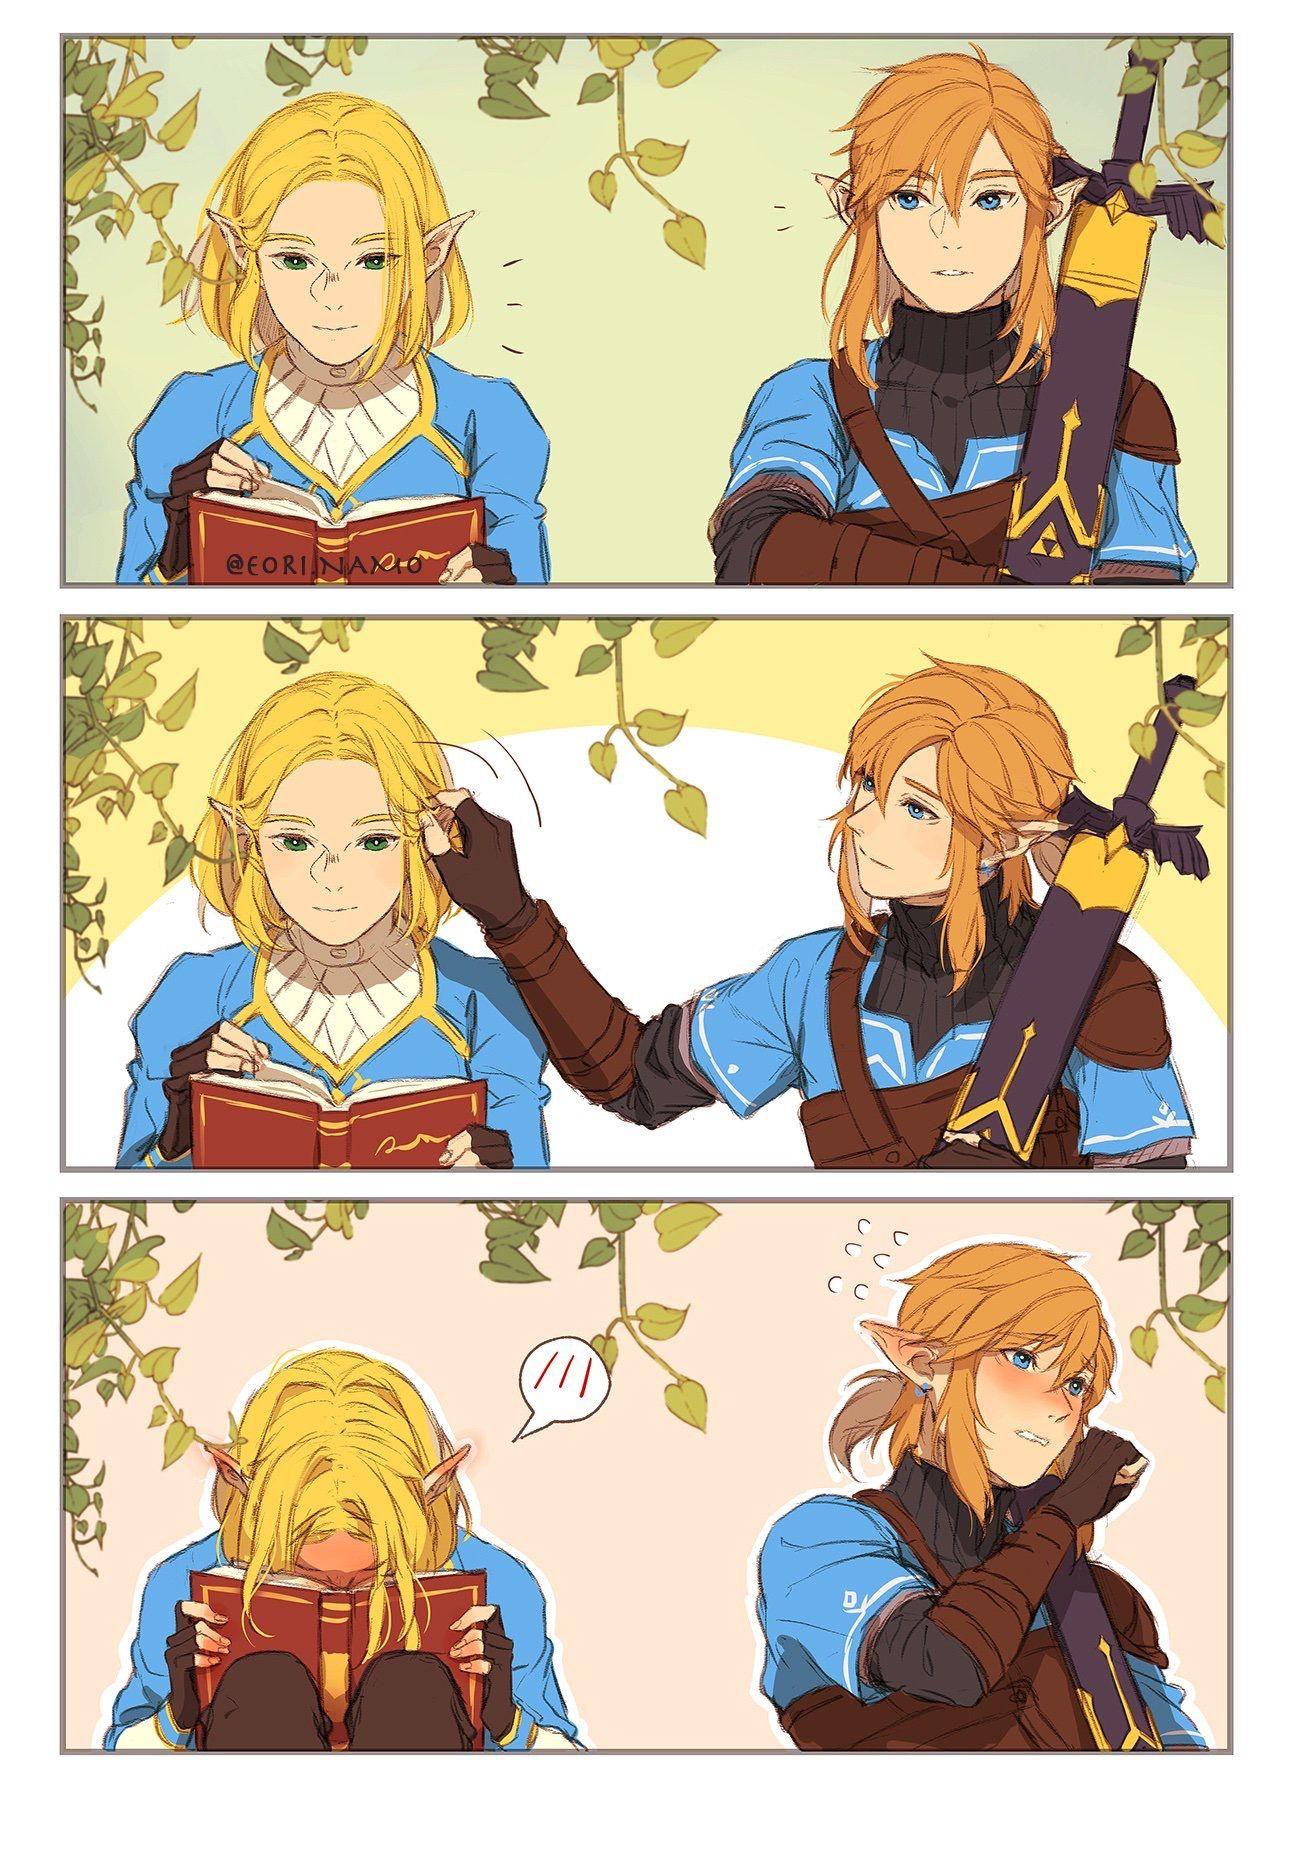 Pin By Shulk On Zelda In 2020 Legend Of Zelda Memes Legend Of